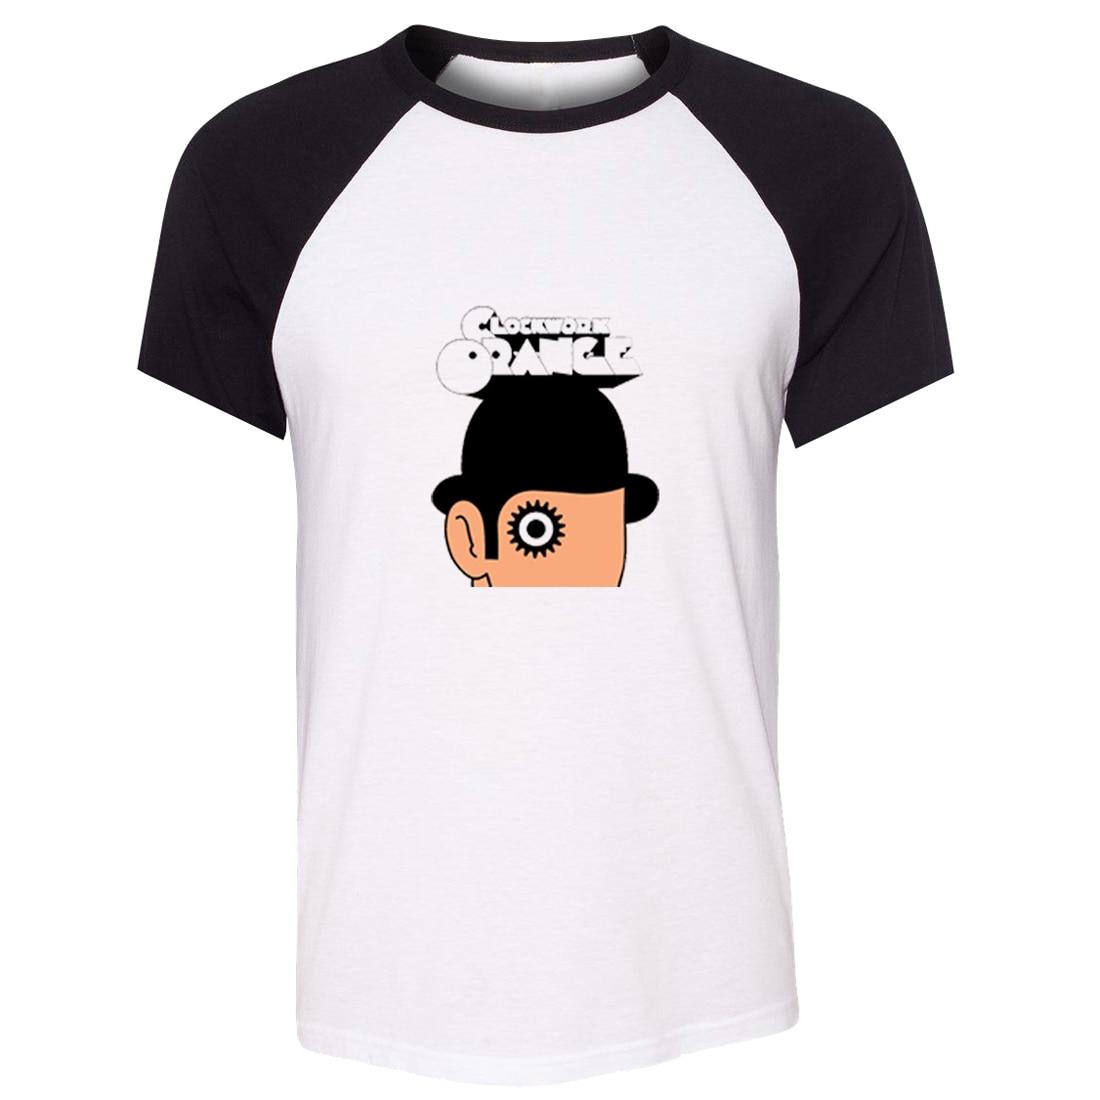 Fashion épée art en ligne Casual Imprimer 3D T-shirt Femmes Hommes Manches Courtes Tee T20